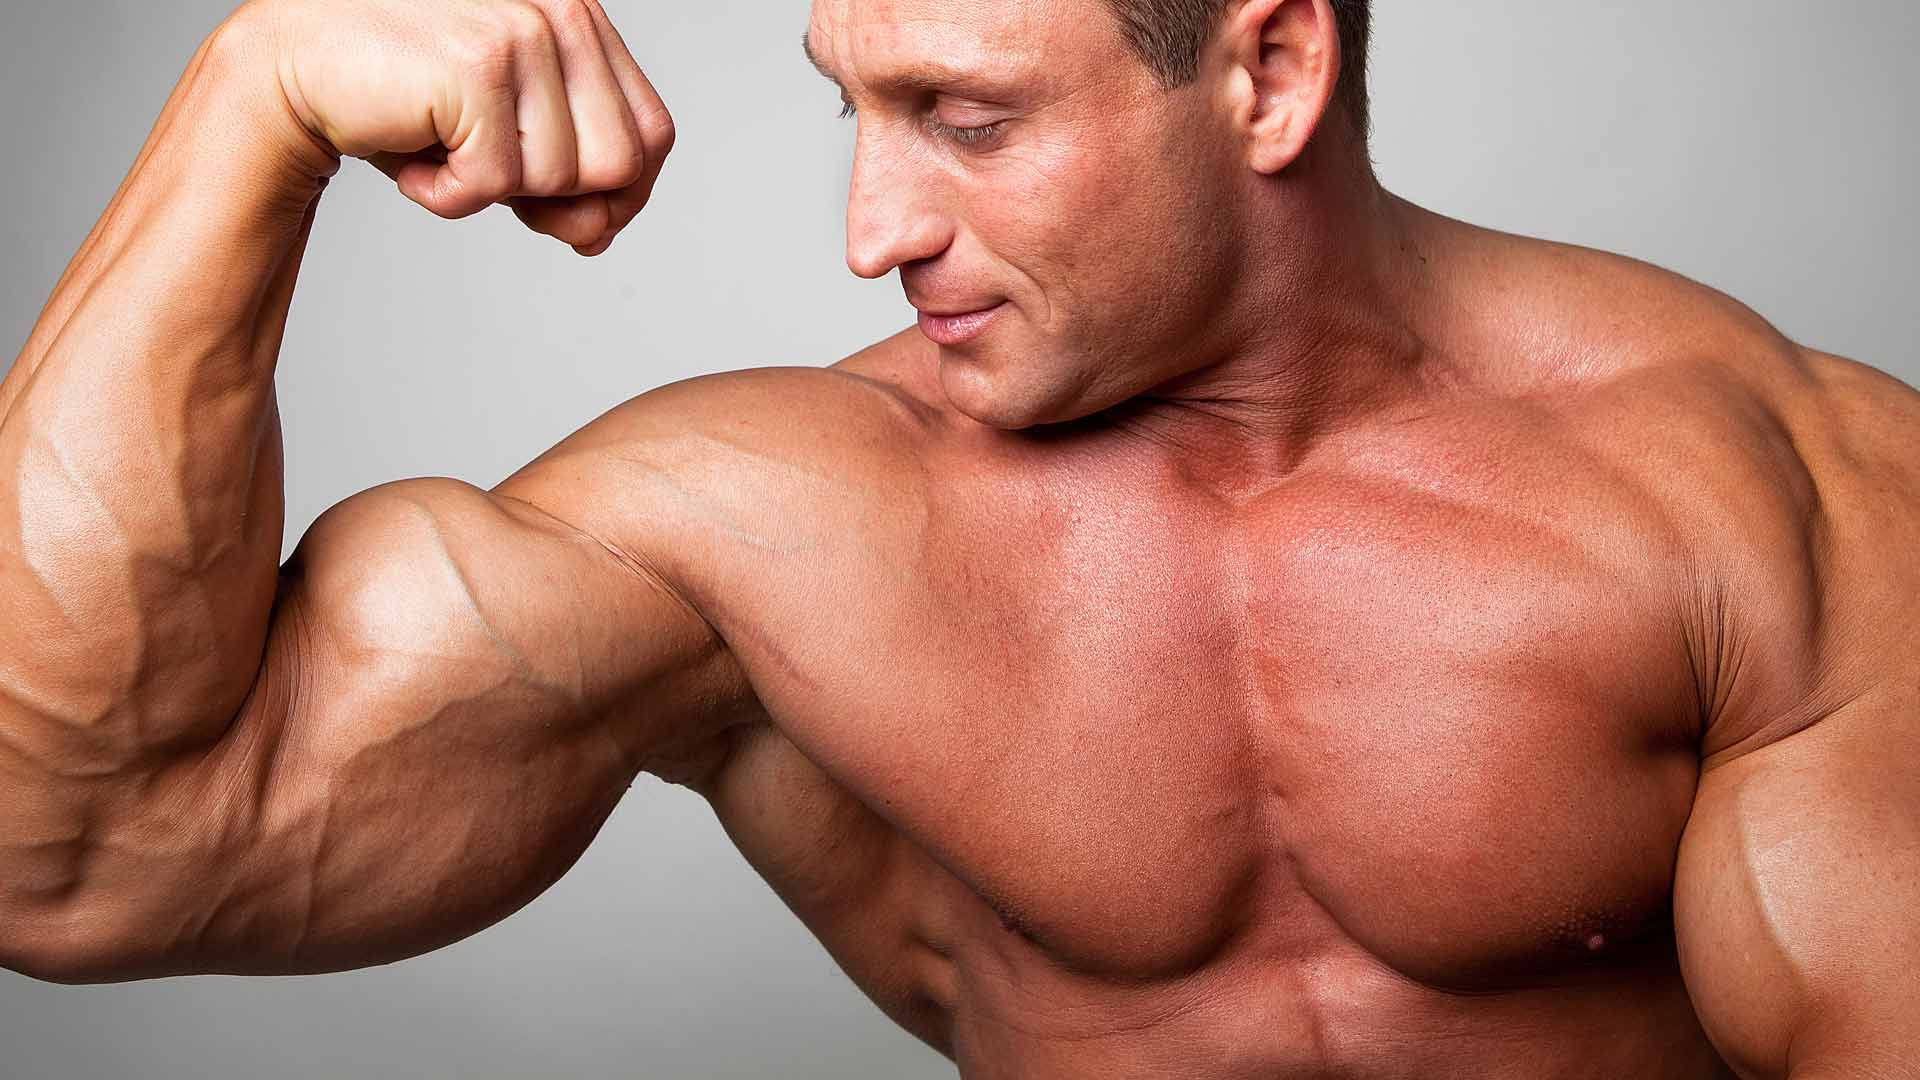 بالصور جسم الرجل , اجسام رجال رياضيه جدا 3394 8